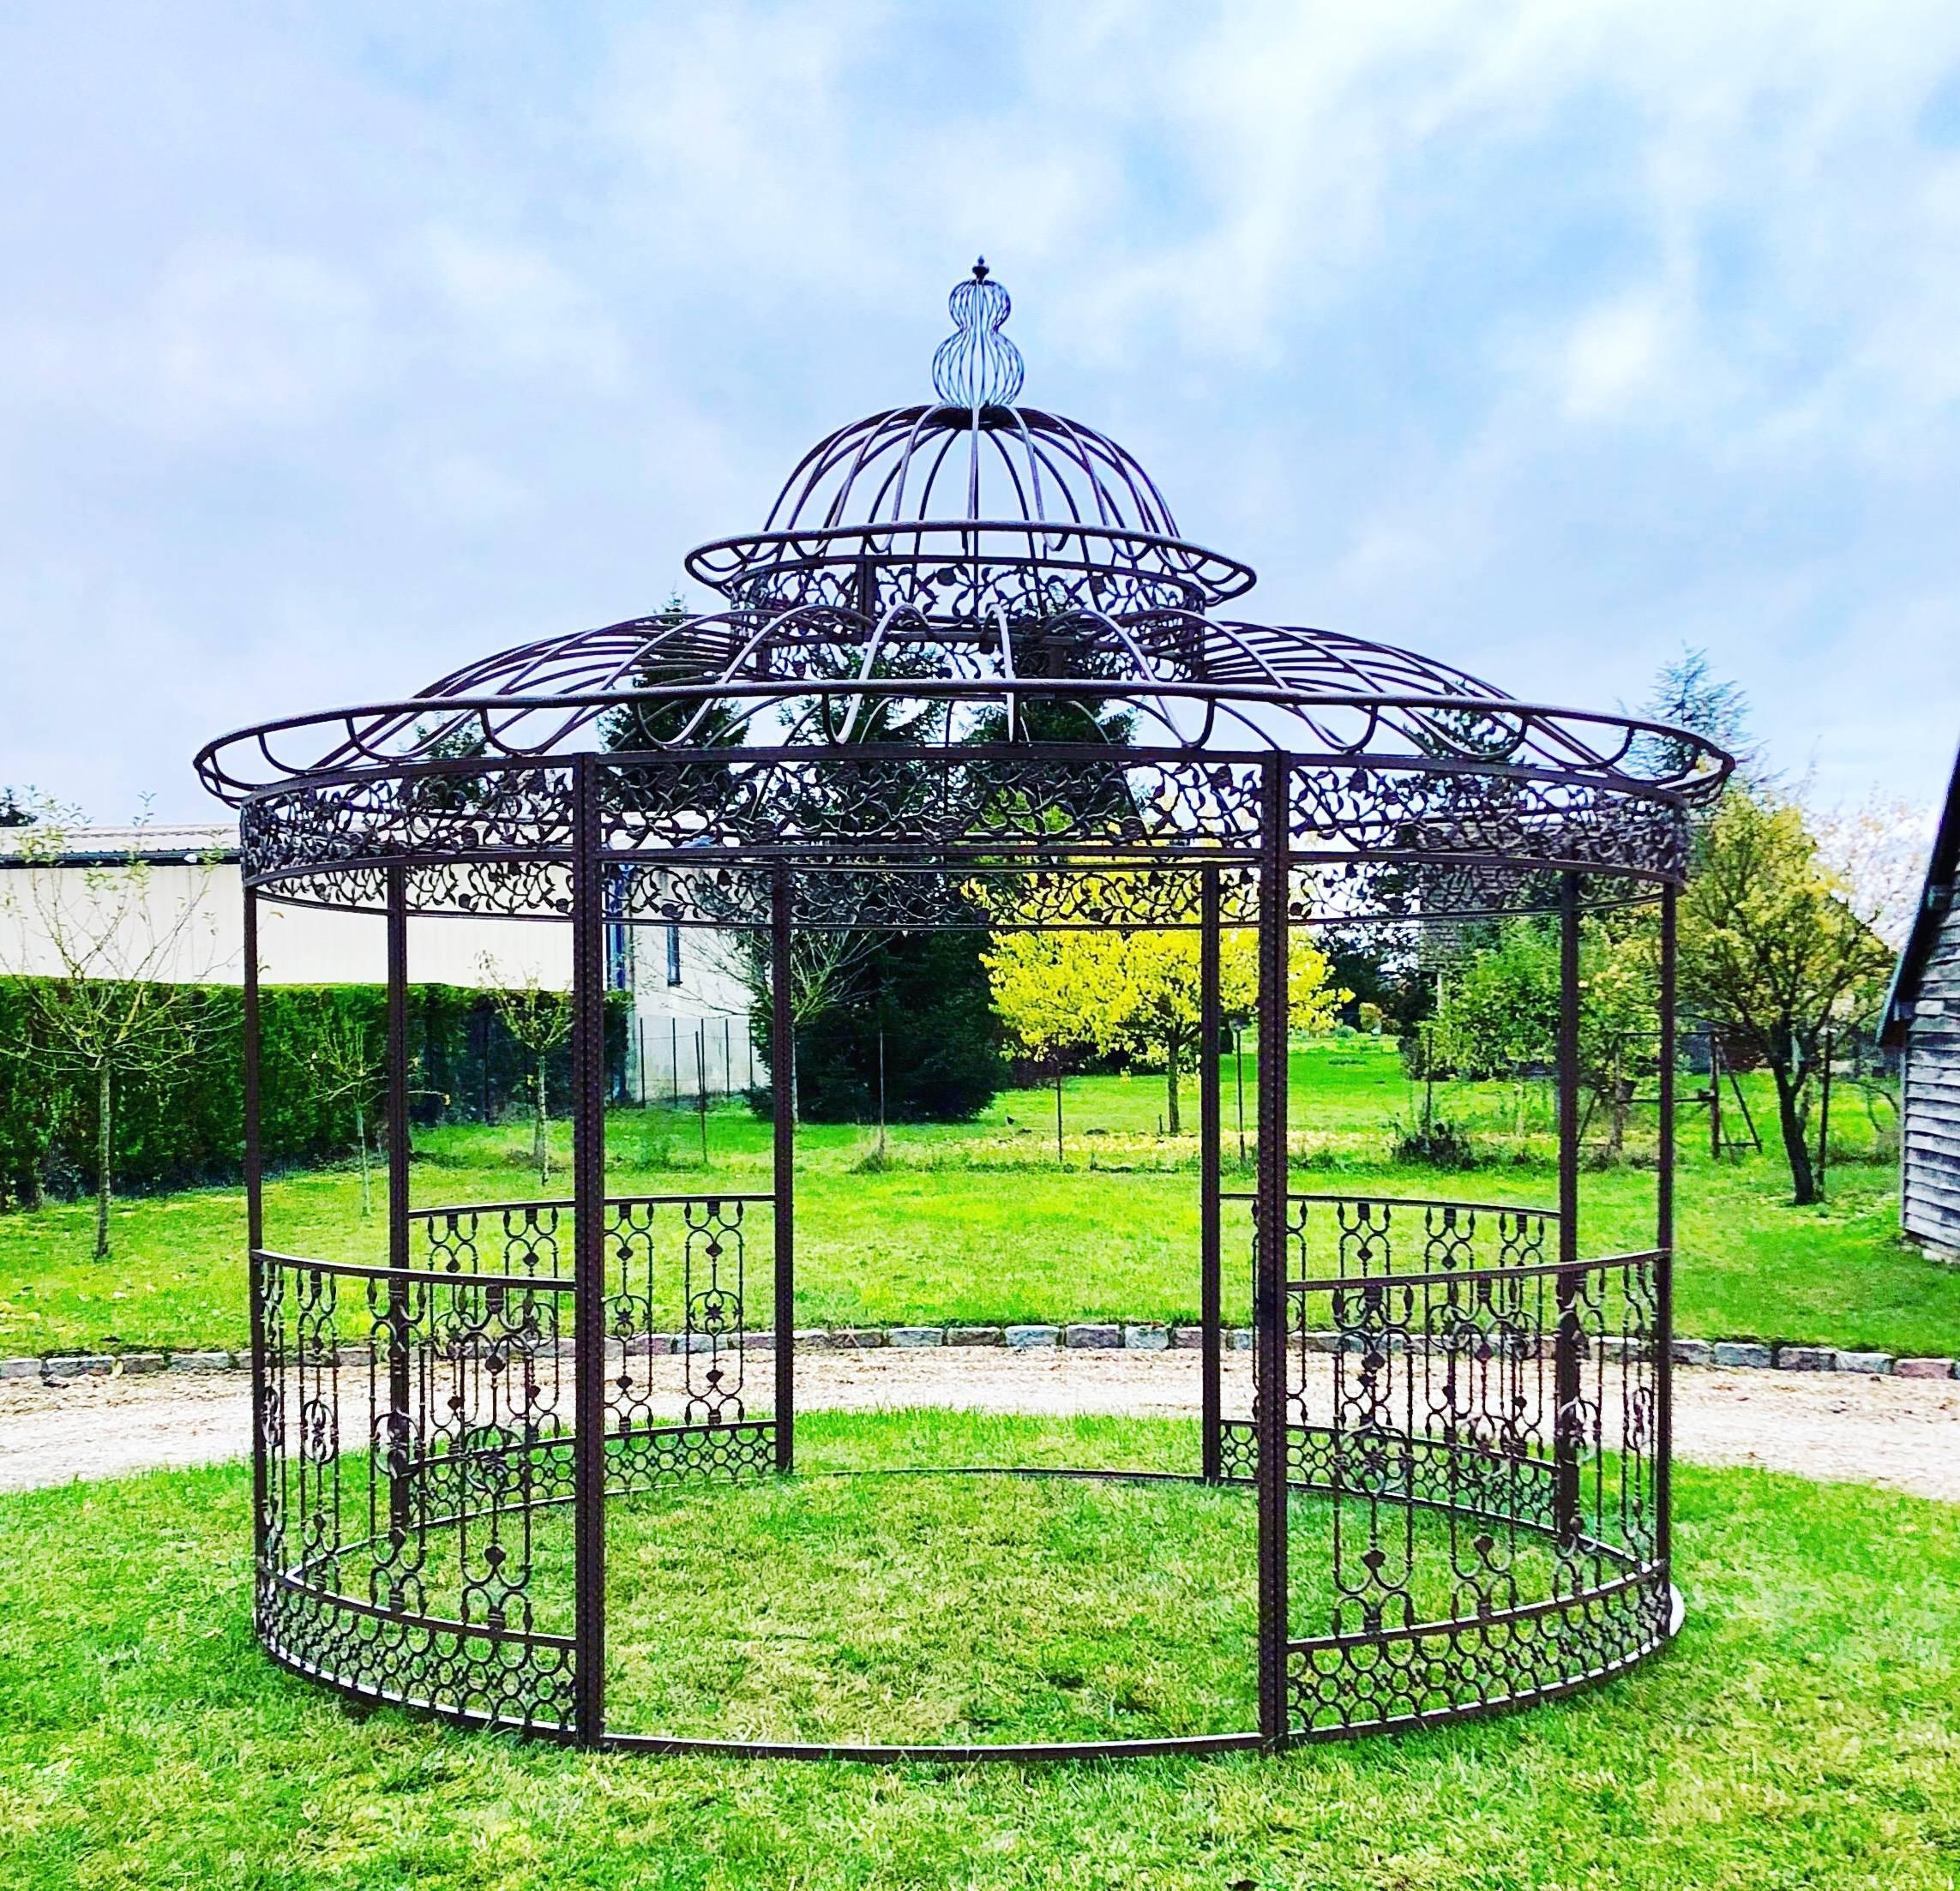 Grande Tonnelle Kiosque De Jardin Pergola Abris Rond Kiosque ... destiné Kiosque De Jardin En Fer Forgé